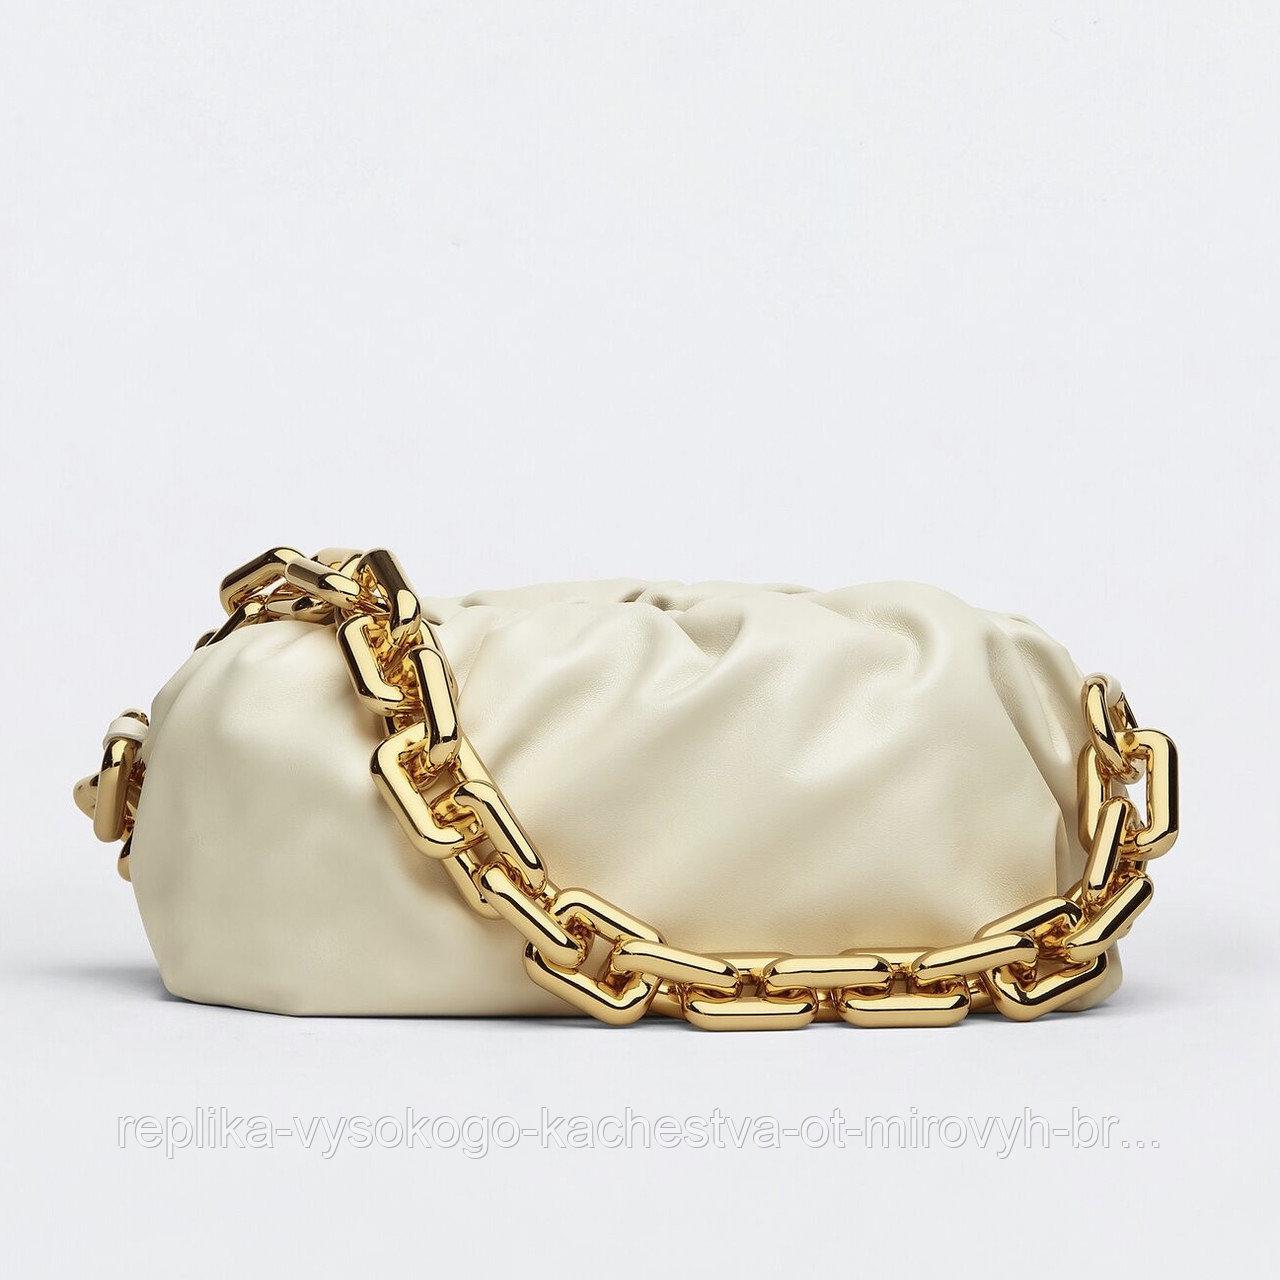 Сумка Bottega Veneta Chain Pouch